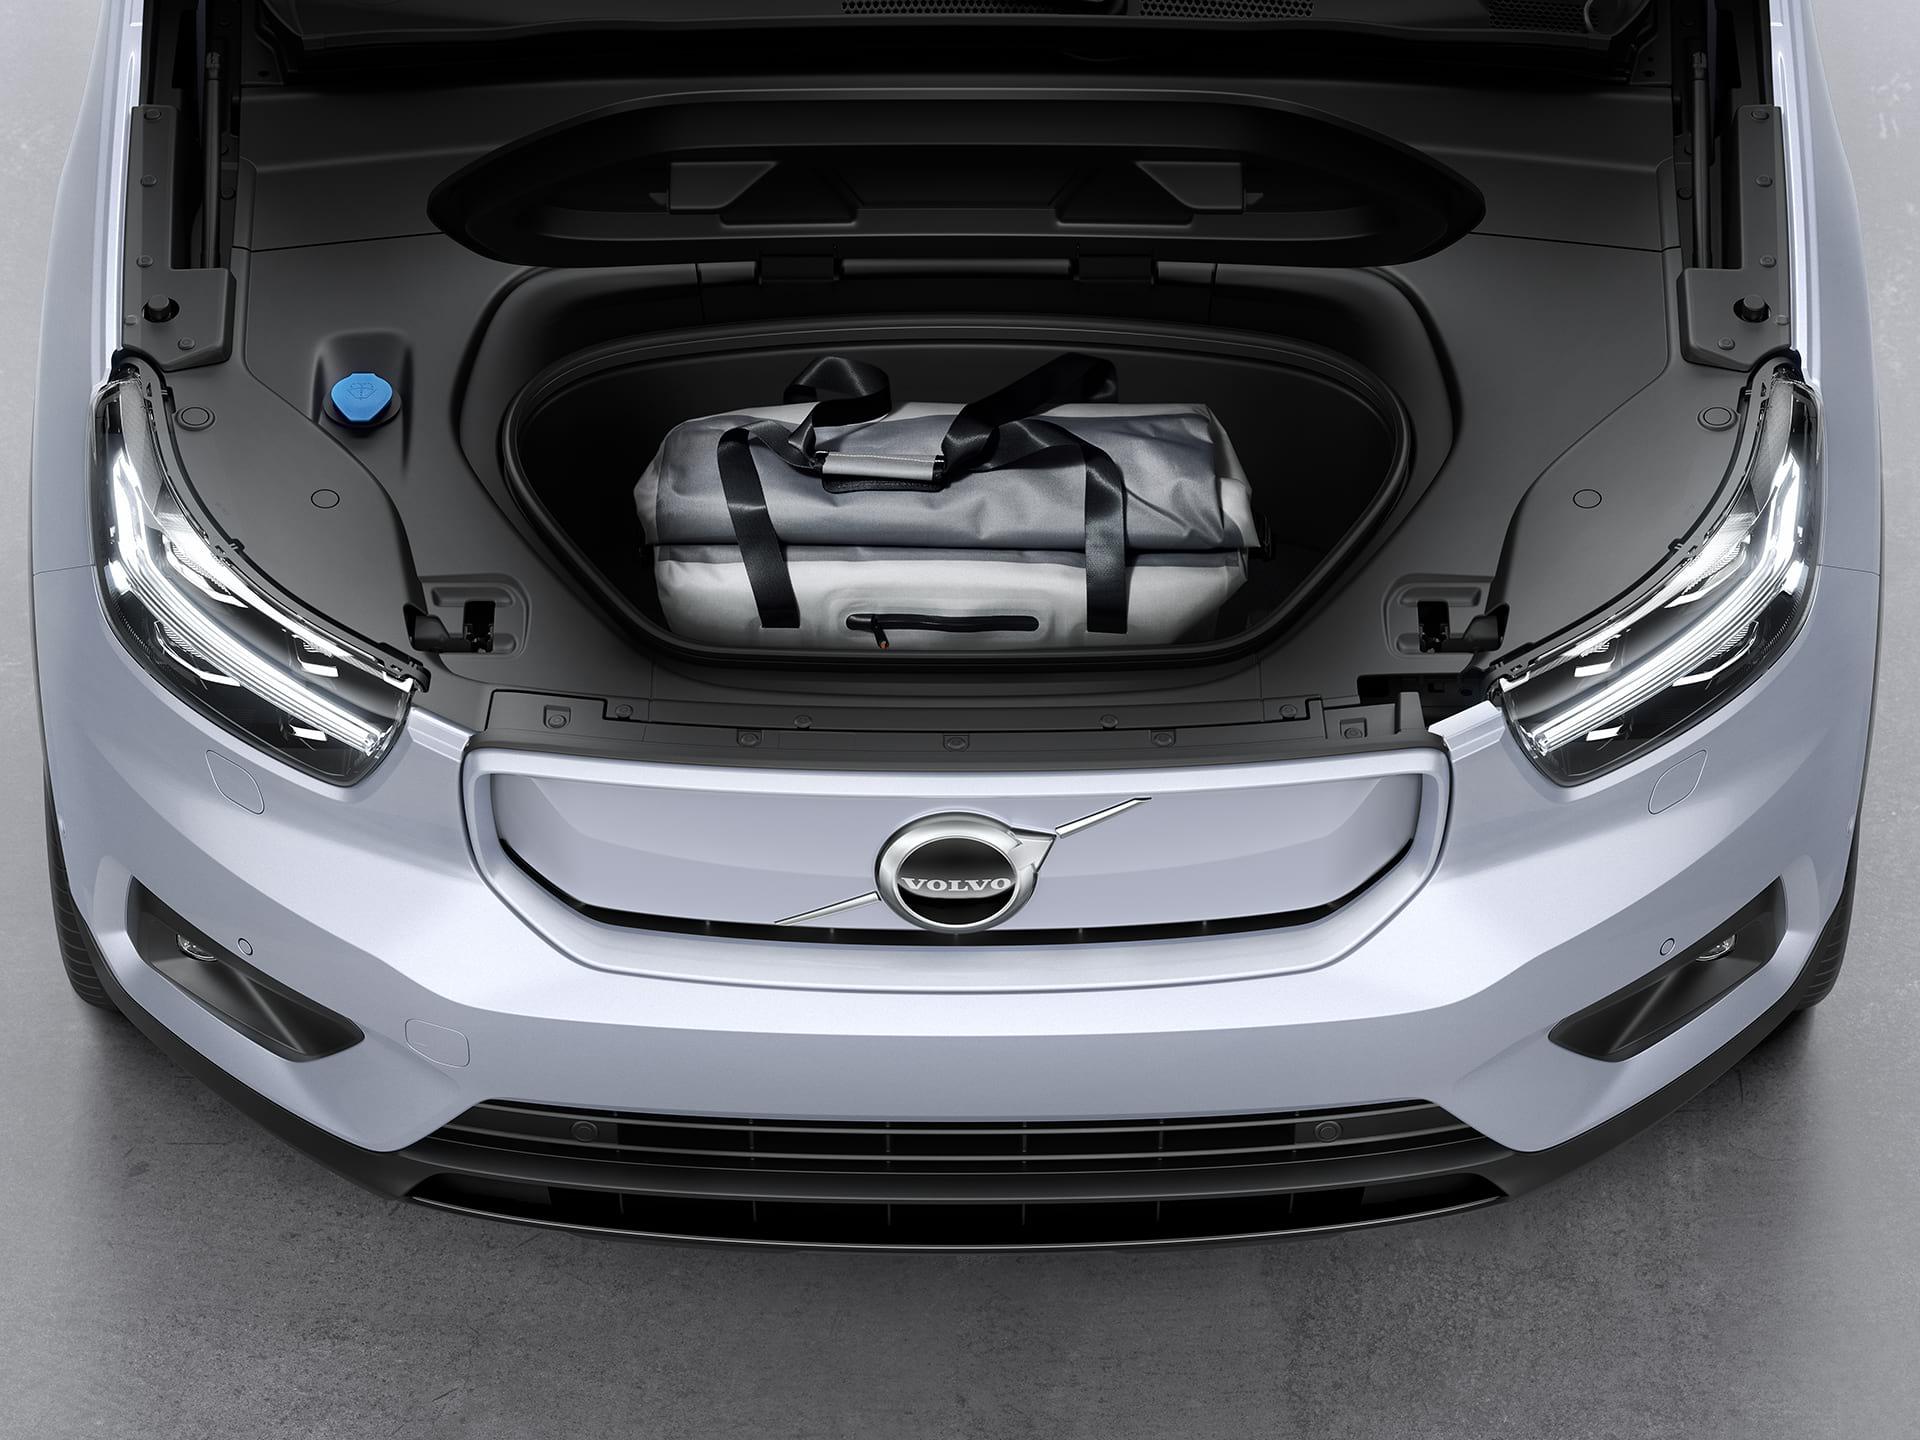 Ο μπροστινός αποθηκευτικός χώρος ενός Volvo XC40 Recharge που φιλοξενεί μια αθλητική τσάντα.